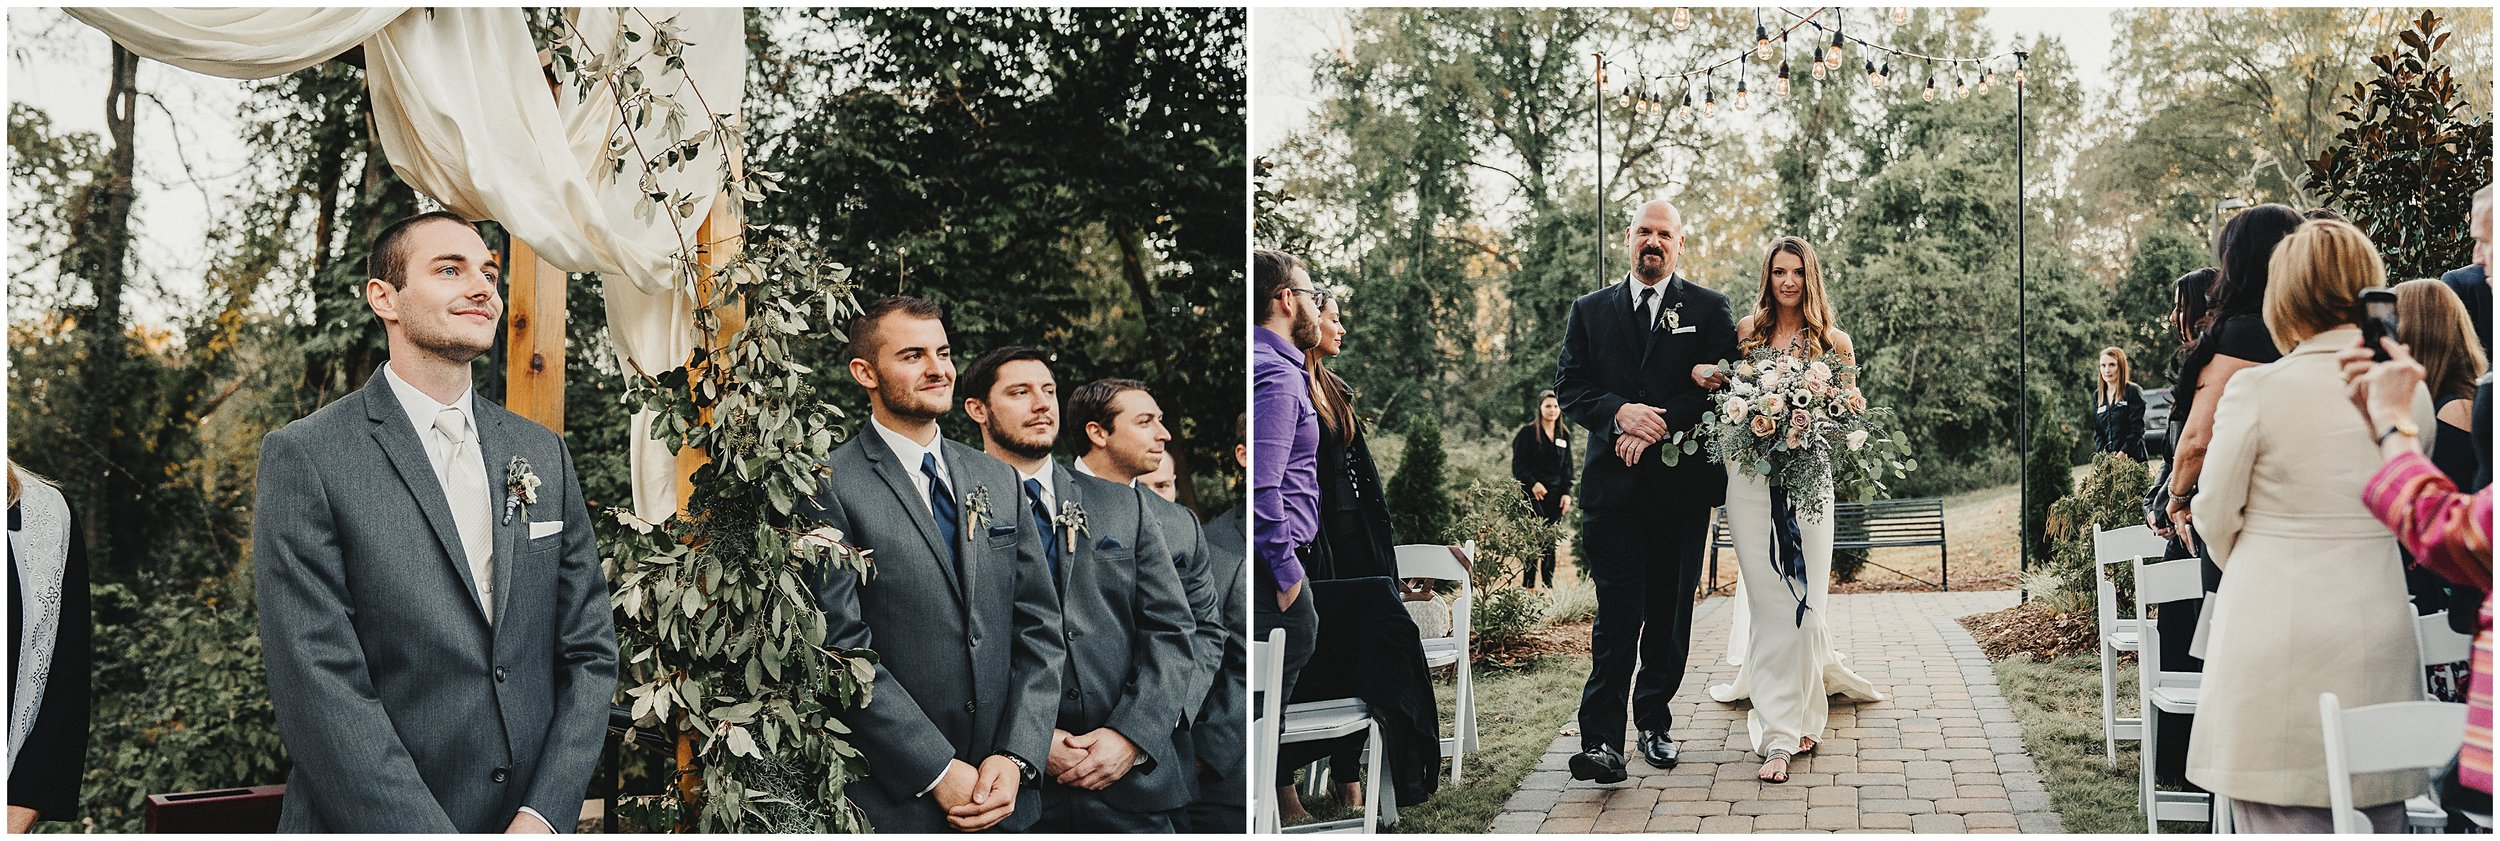 Ritchie Hill wedding_1268.jpg